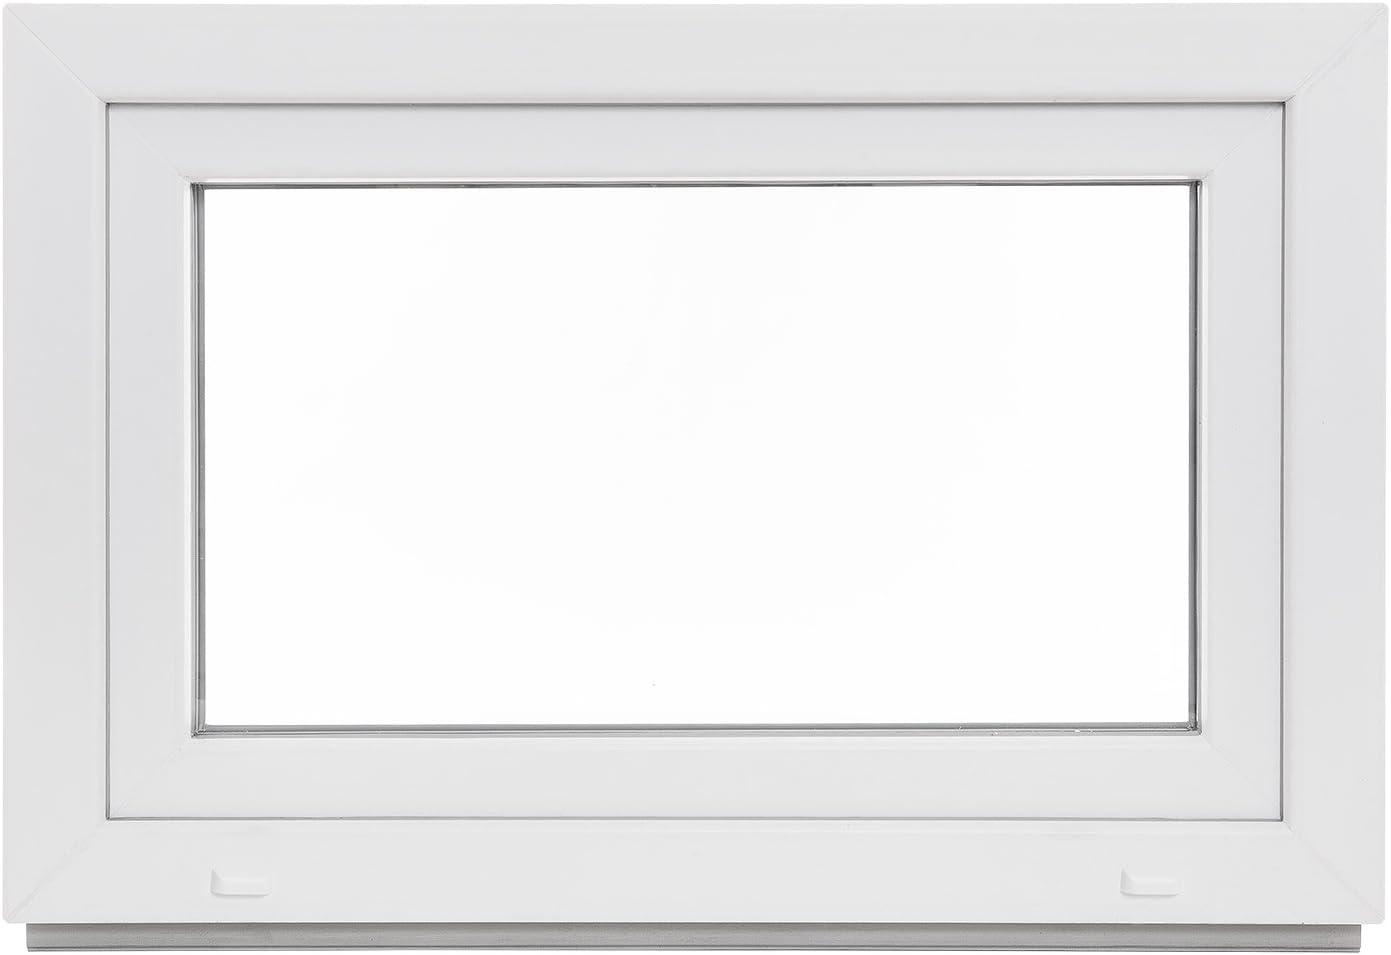 Kellerfenster Fenster LAGERWARE BxH: 50x50 cm wei/ß 60mm Profil Kunststoff DIN rechts 3-fach-Verglasung verschiedene Ma/ße